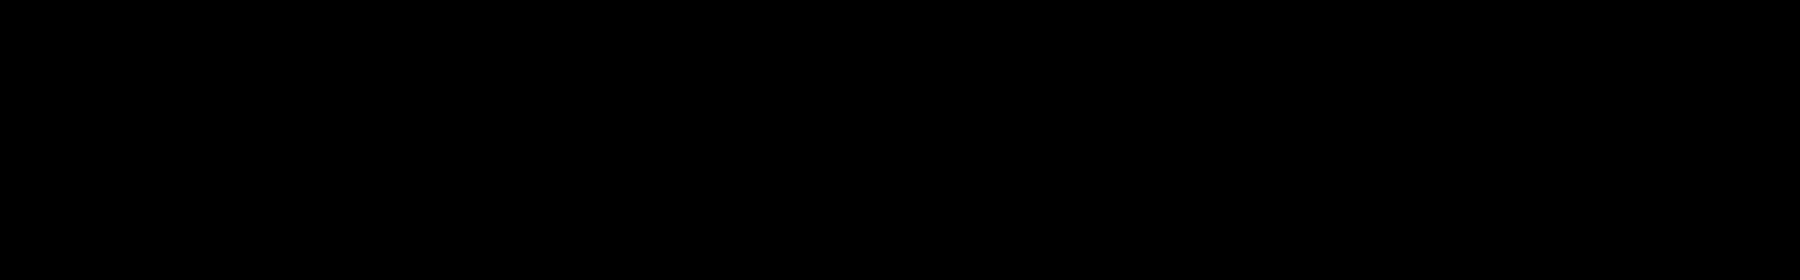 Boujee audio waveform